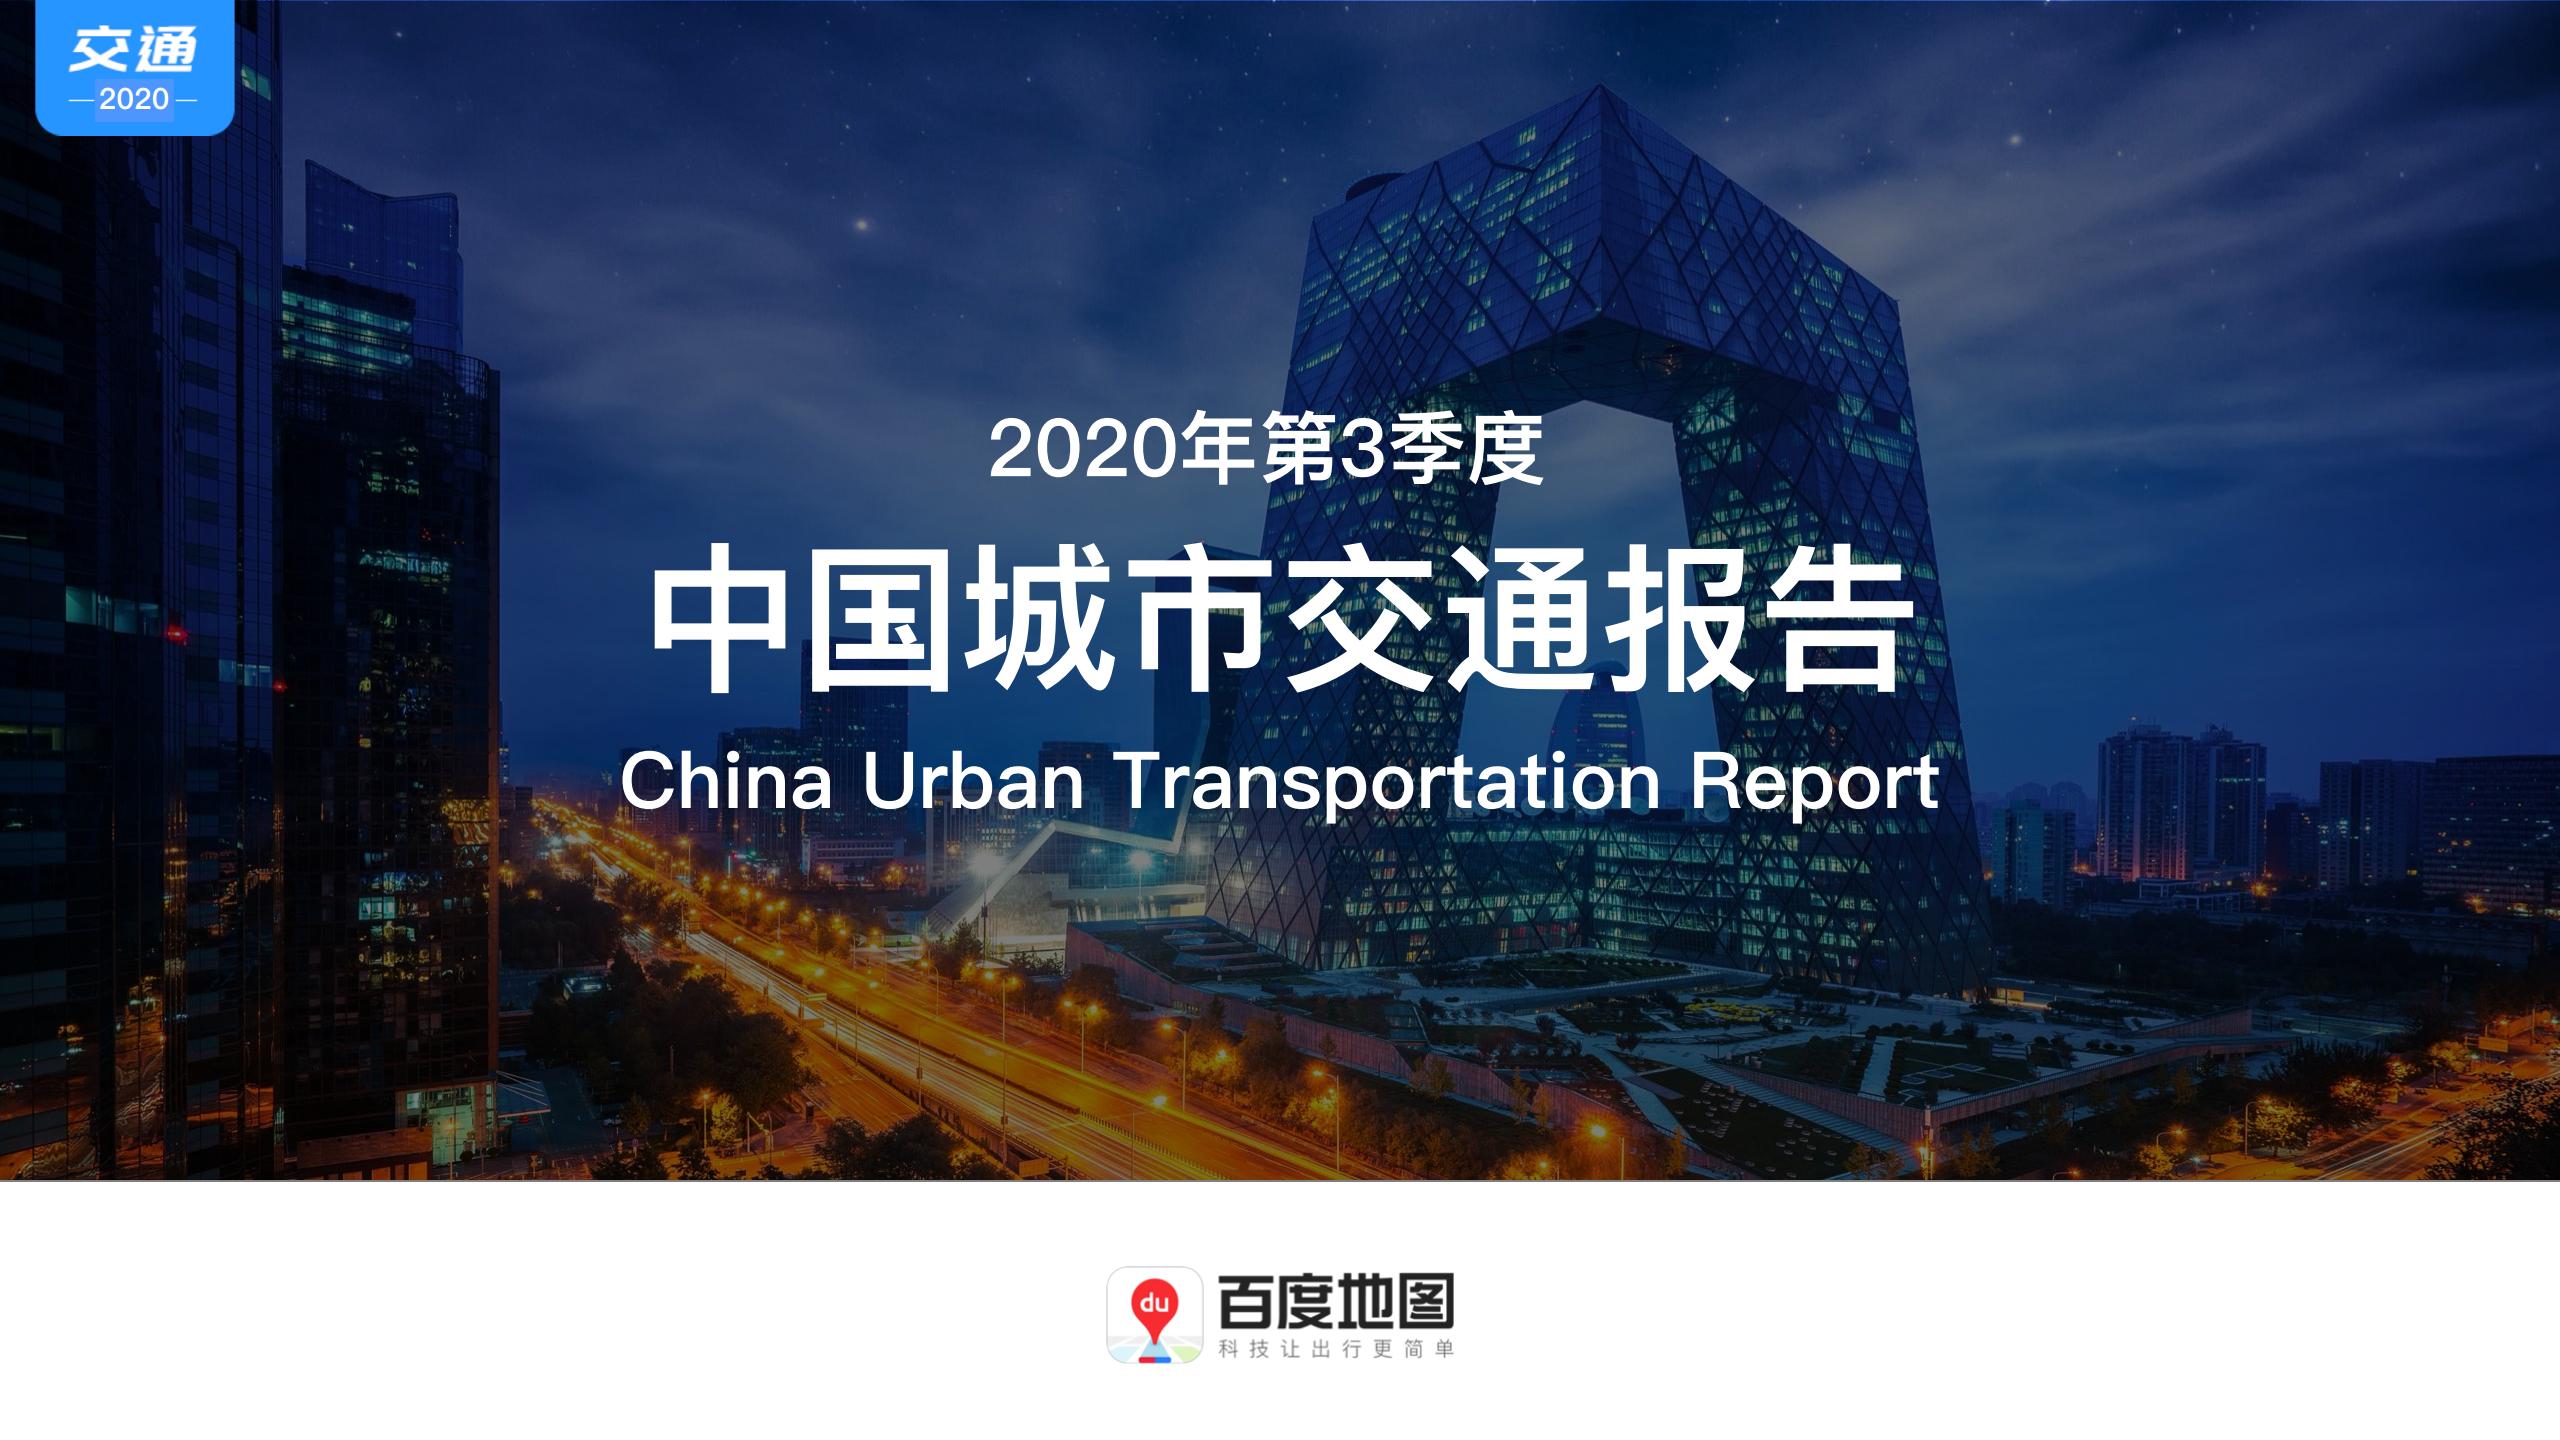 百度地图:2020年第三季度中国城市交通报告(附下载)